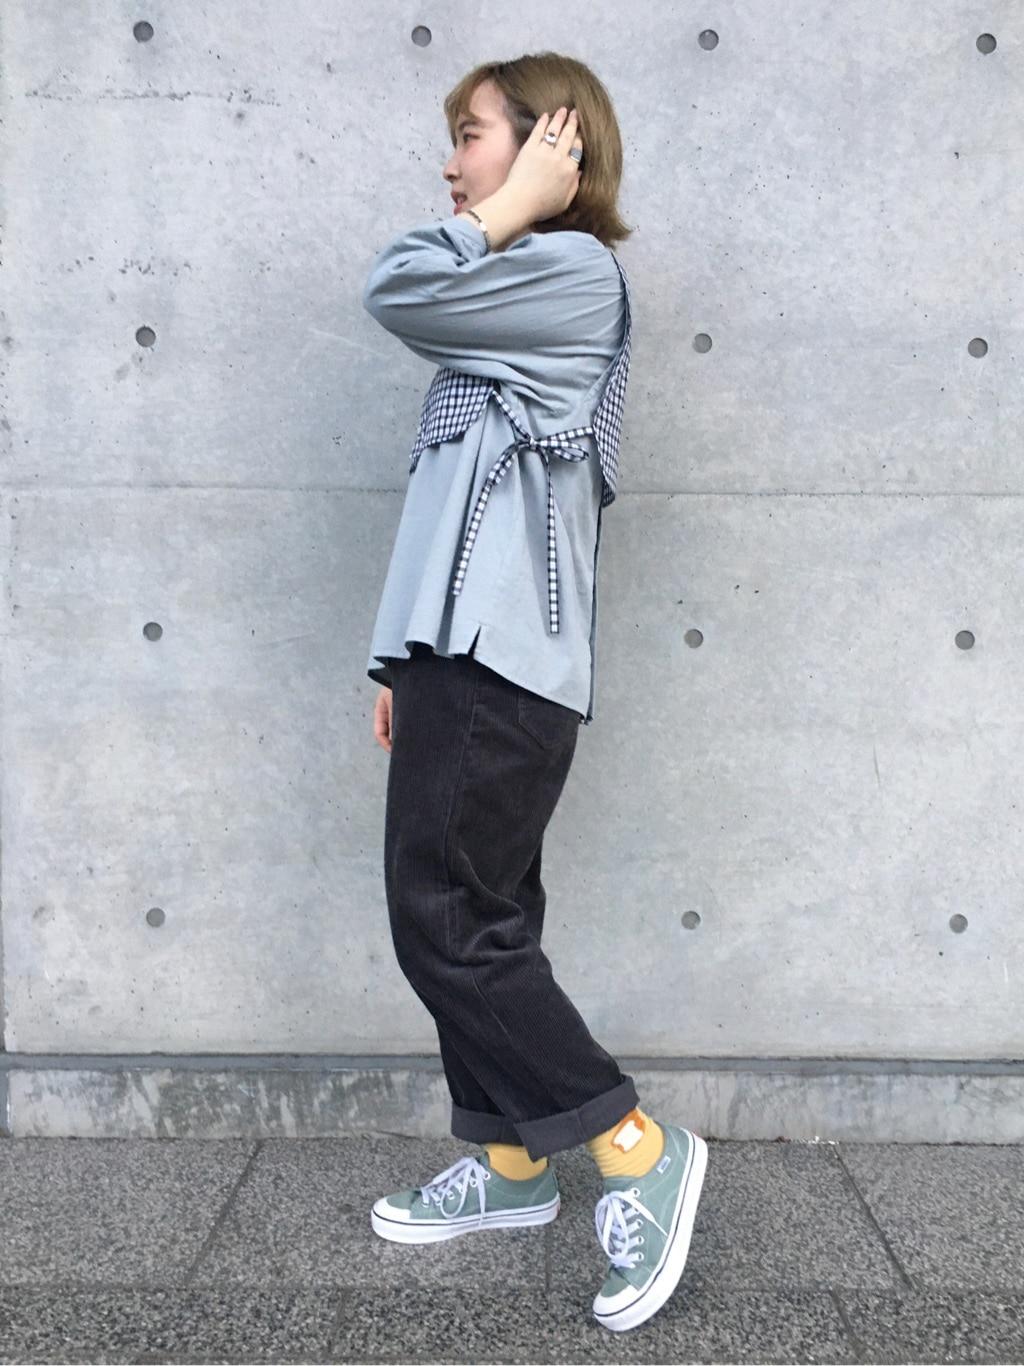 l'atelier du savon 東京スカイツリータウン・ソラマチ 身長:154cm 2020.09.12